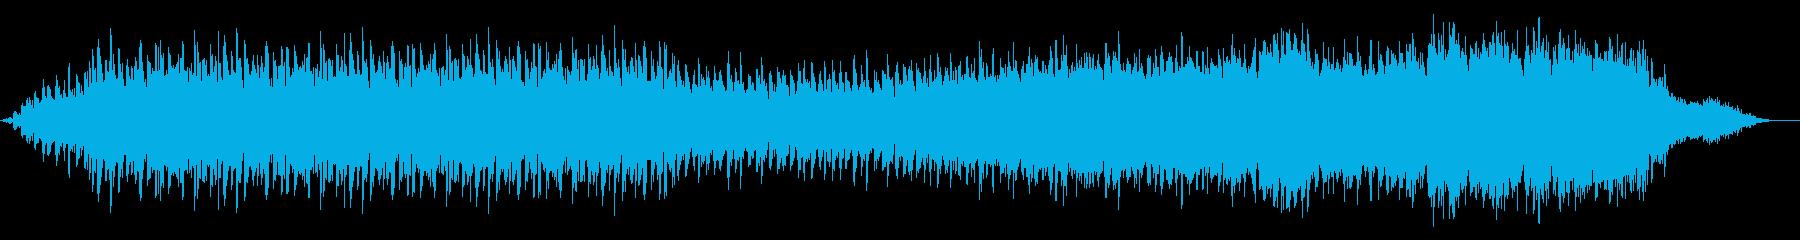 ヒーリング向けの優しいアンビエントの再生済みの波形